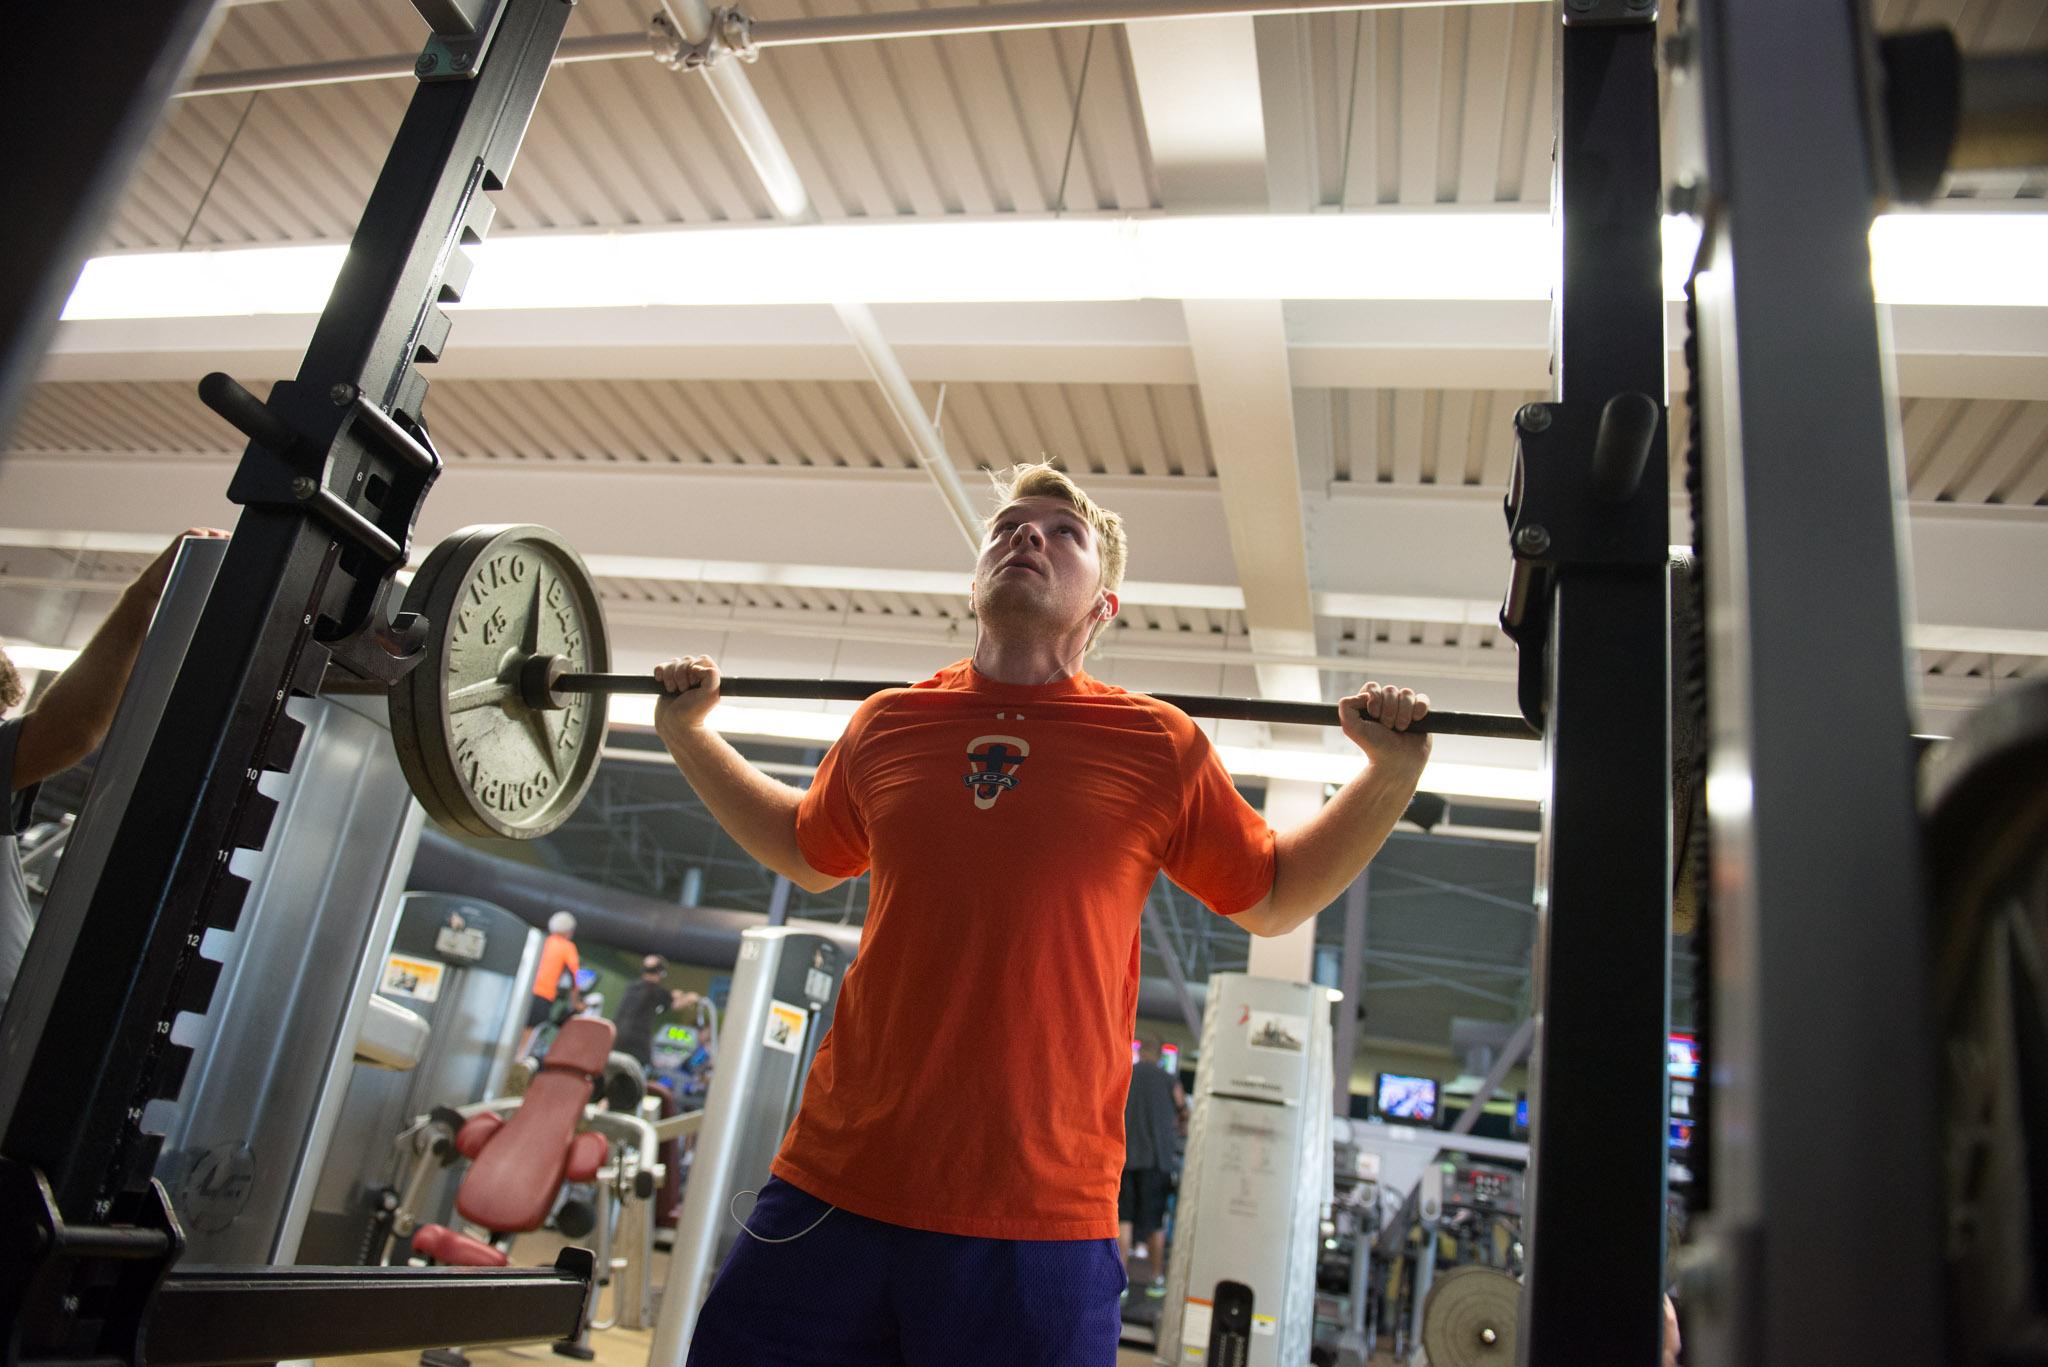 Wellness Center Stock Photos-1325.jpg